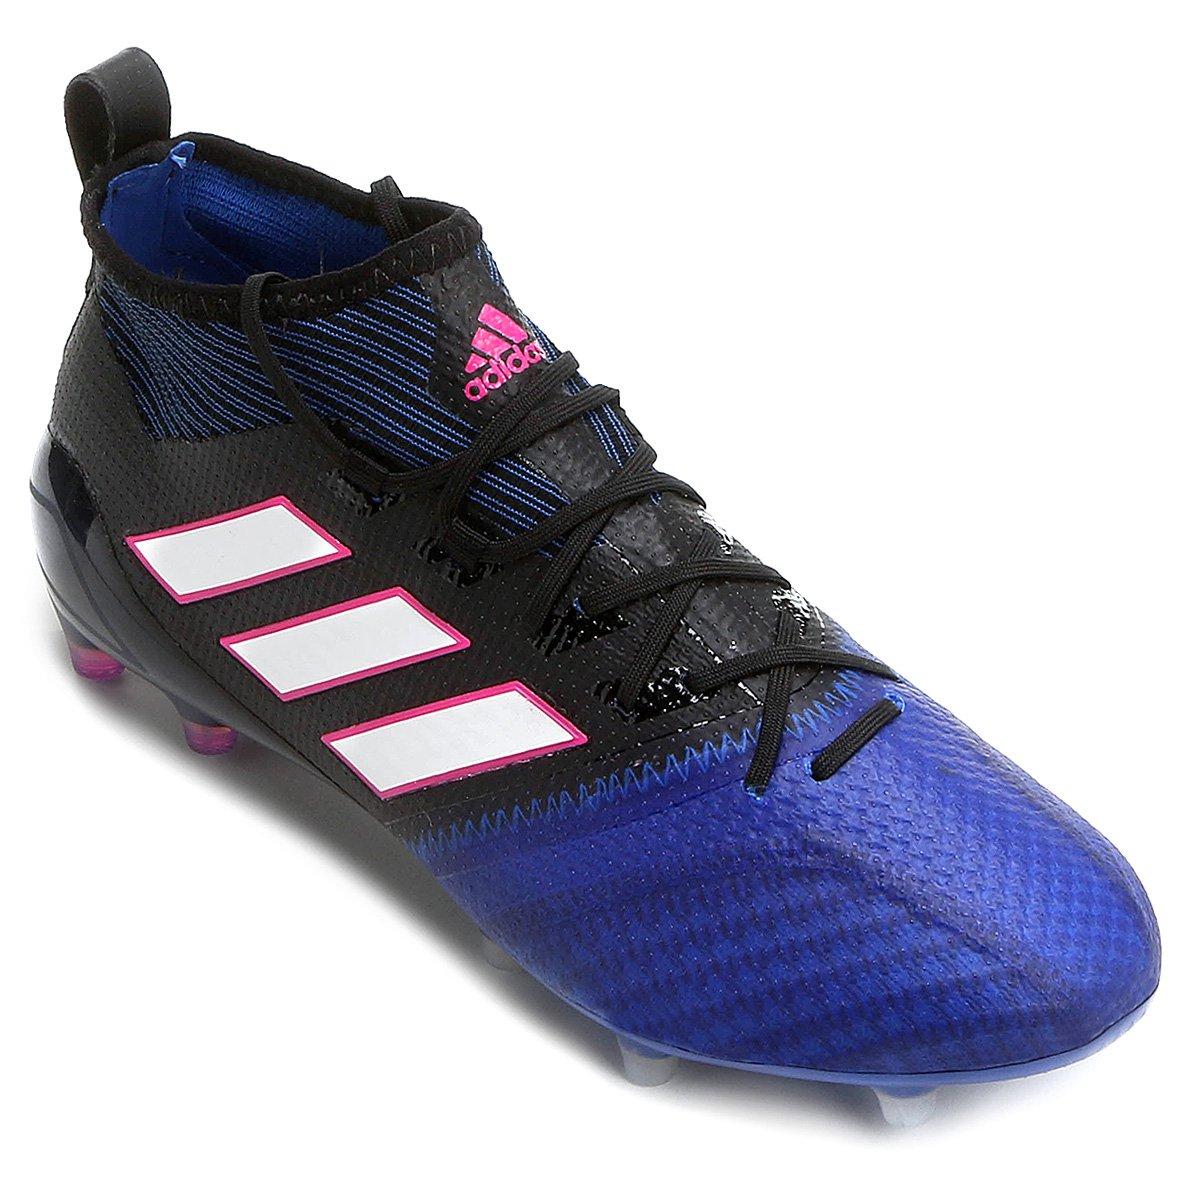 f3c75db6553 Chuteira Campo Adidas Ace 17.1 Primeknit FG - Preto e Azul | Allianz ...